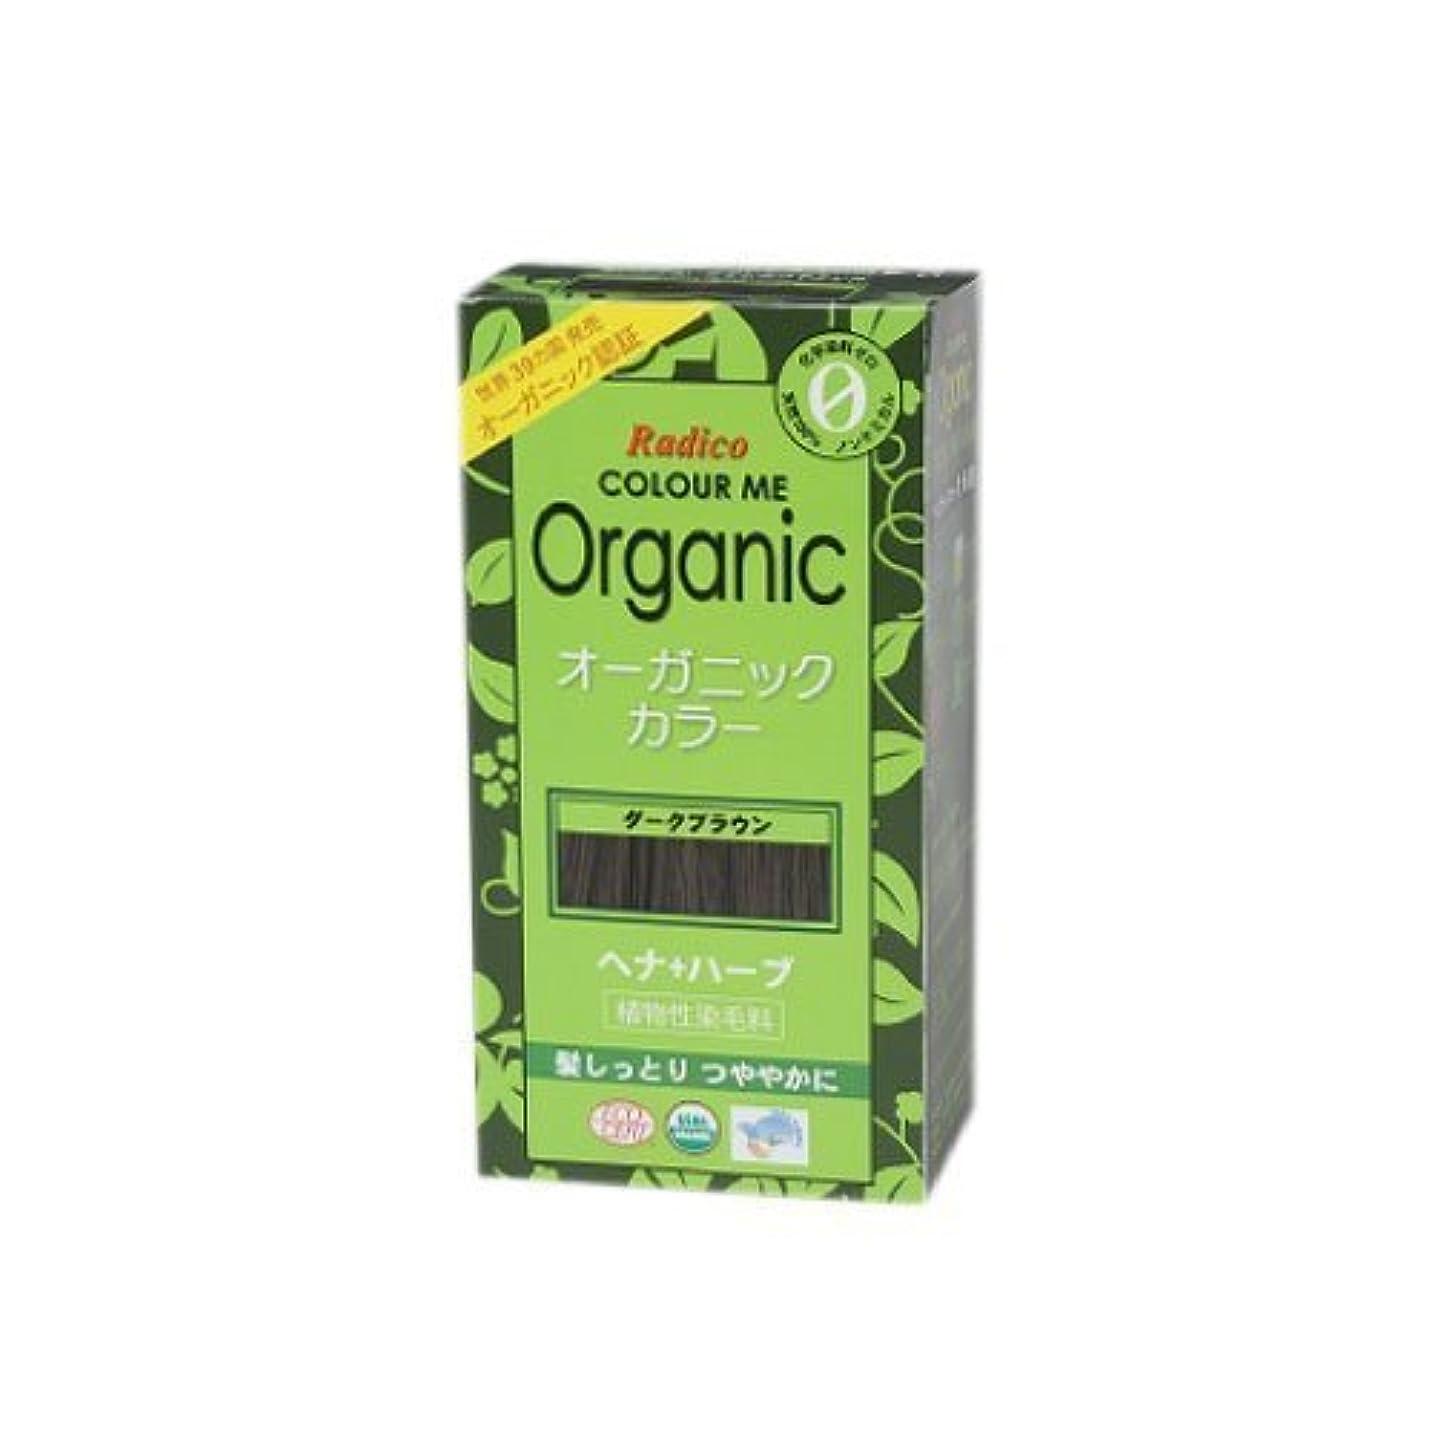 カカドゥ紀元前走るCOLOURME Organic (カラーミーオーガニック ヘナ 白髪用) ダークブラウン 100g